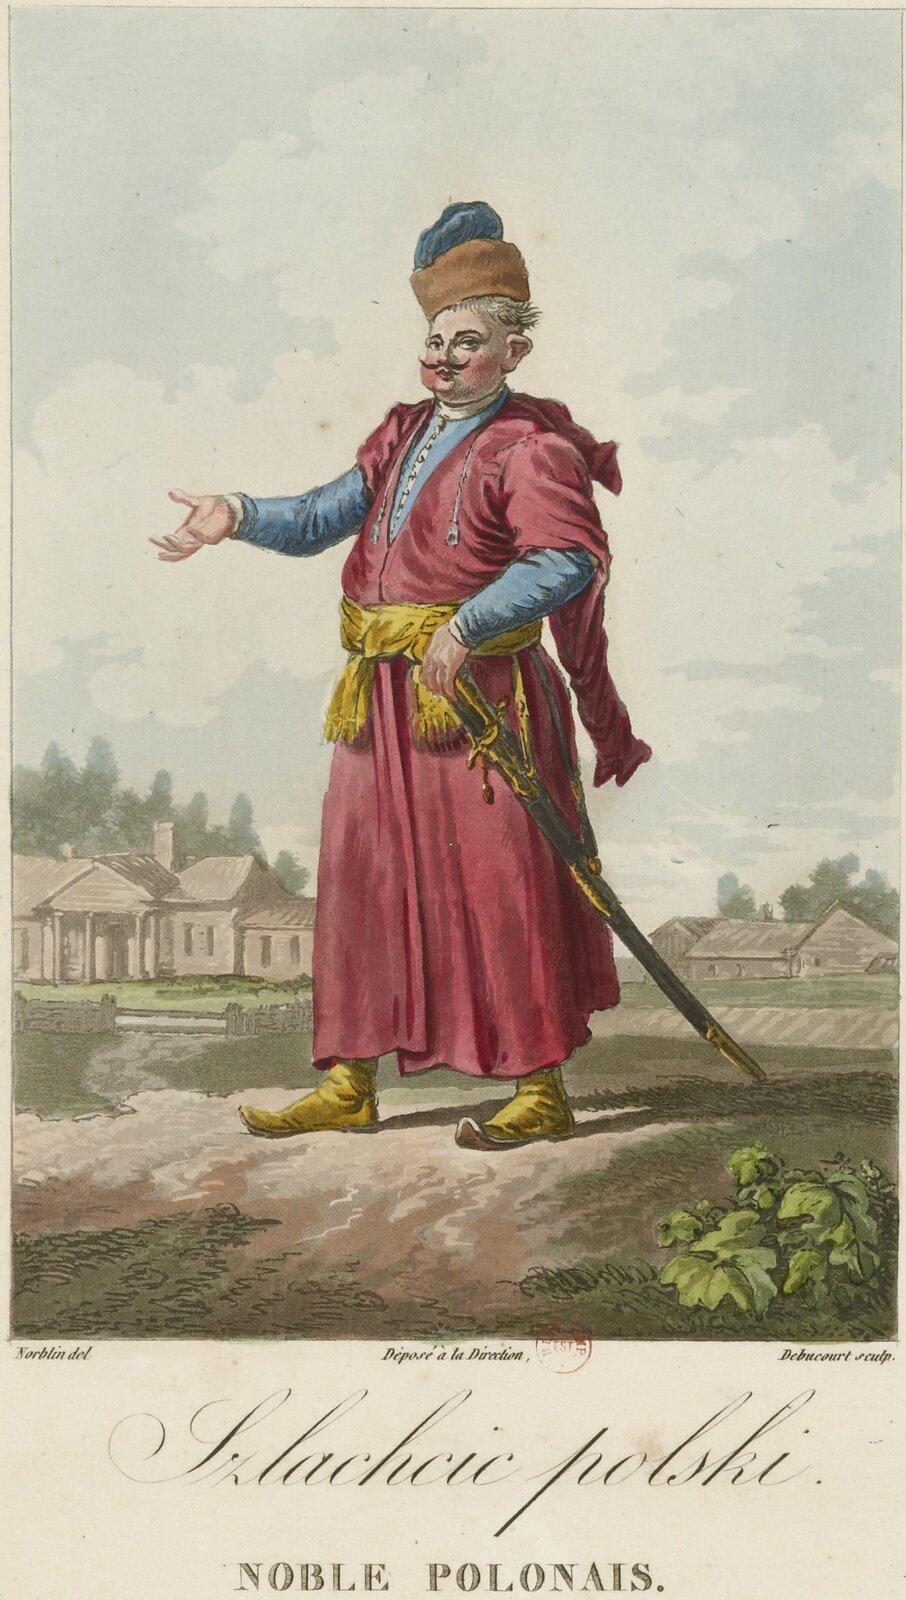 Mężczyzna wkontuszu. Na głowie ma czapkę zfutrzanym otokiem, ubrany jest wniebieską koszulę iczerwony płaszcz, przepasany pasem, do którego przyczepiona jest szabla. Na nogach ma buty zzadartymi do góry czubami. Za nim widać zabudowania wsi. Pod rysunkiem podpis po polsku ipo francusku: szlachcic polski.